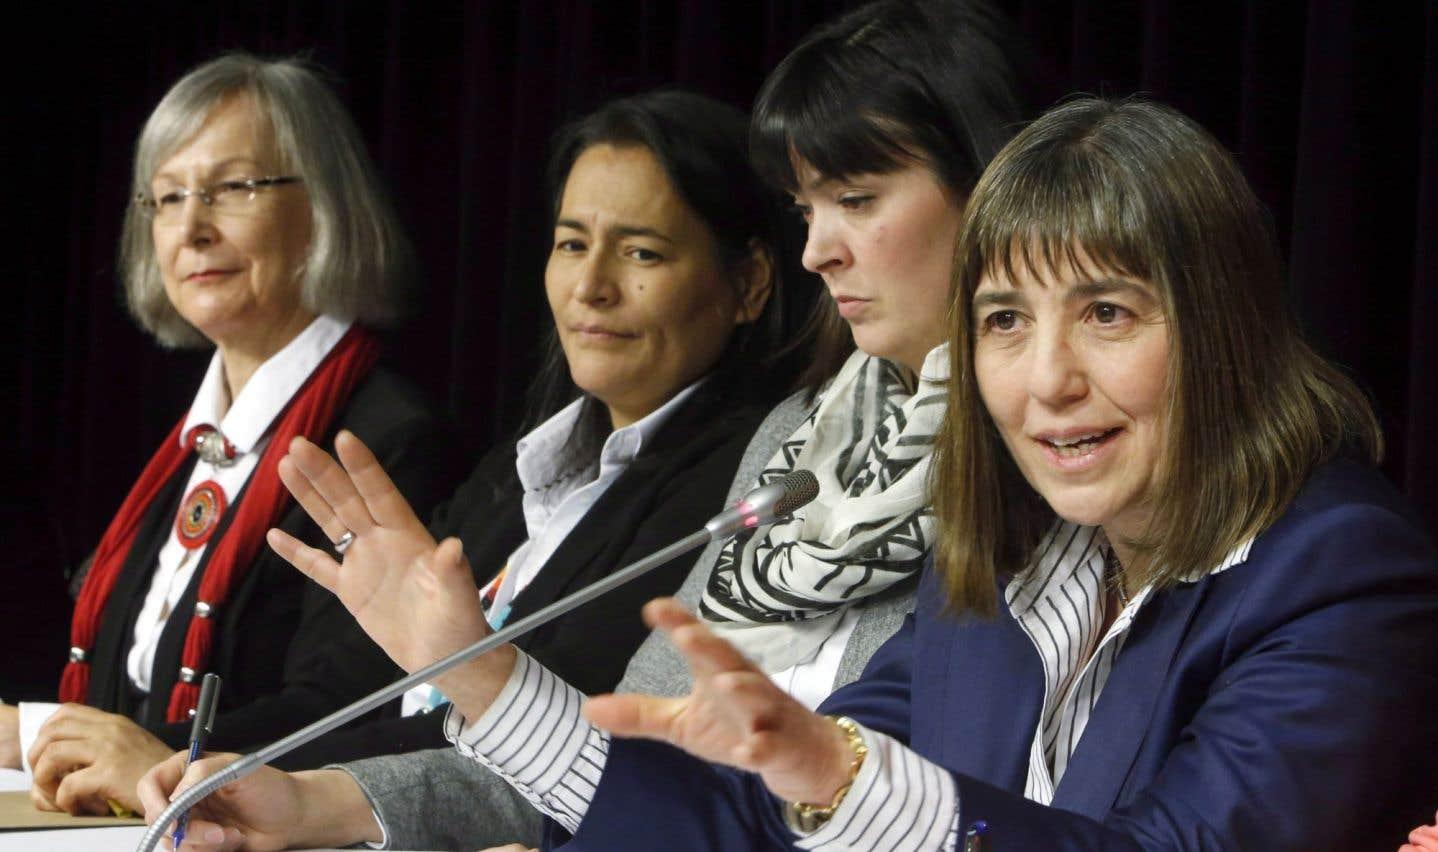 Enquête sur les femmes autochtones: les commissaires appellent à la patience